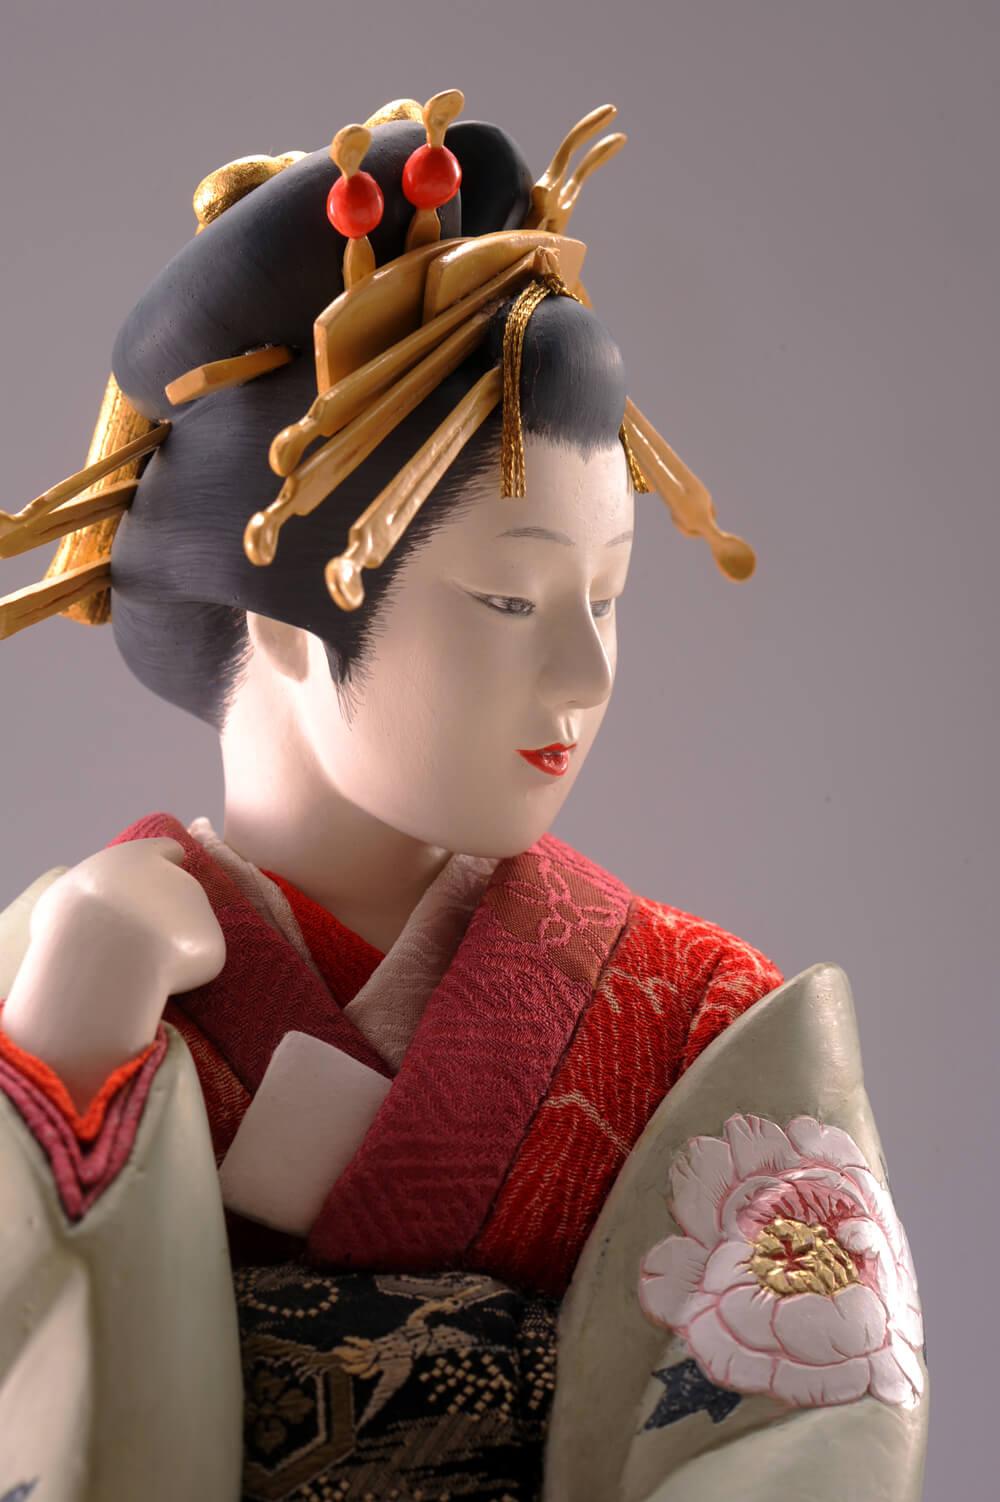 2012年11月9日から開催の「日本工芸の華 双璧 鈴木 藏・芹川 英子 展」の芹川作品8